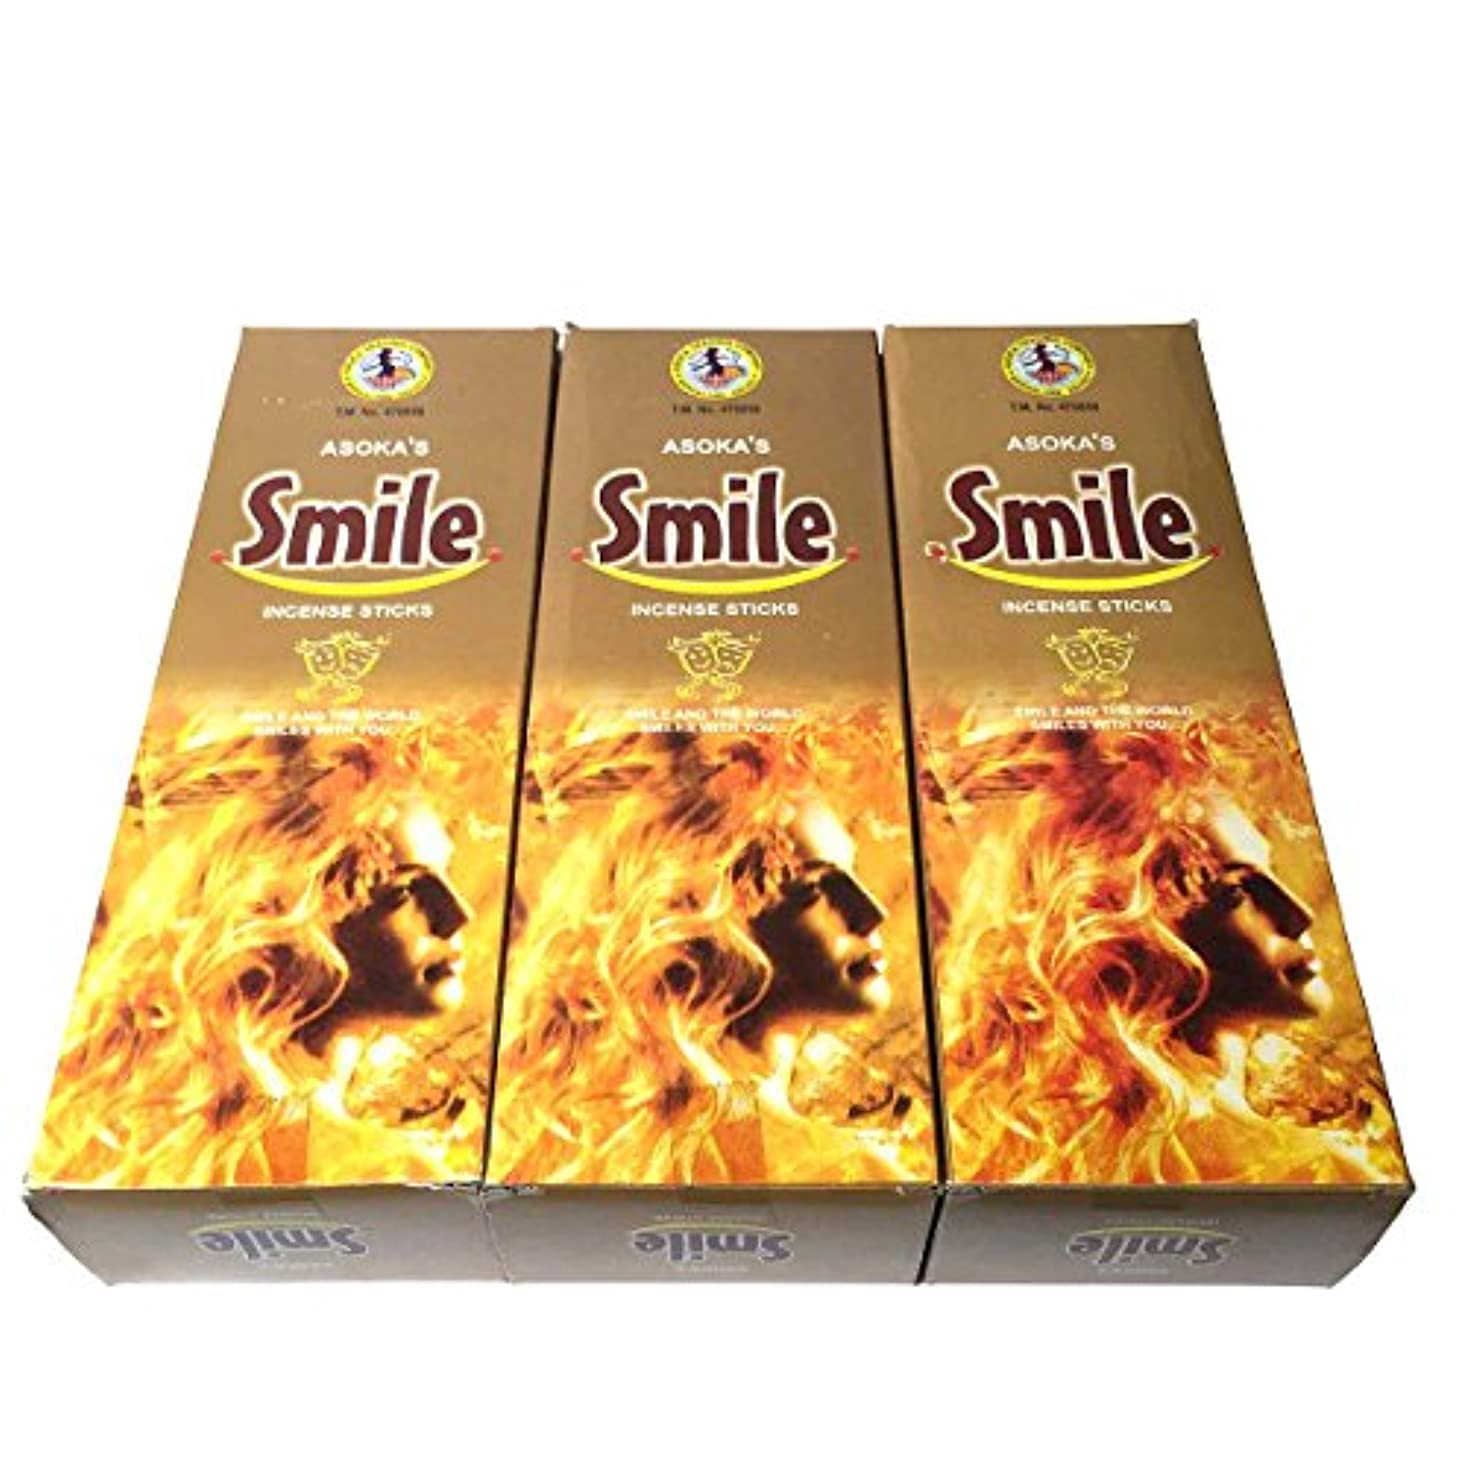 遠いドラフト認可スマイル香スティック 3BOX(18箱) /ASOKA TRADING SMILE/インセンス/インド香 お香 [並行輸入品]